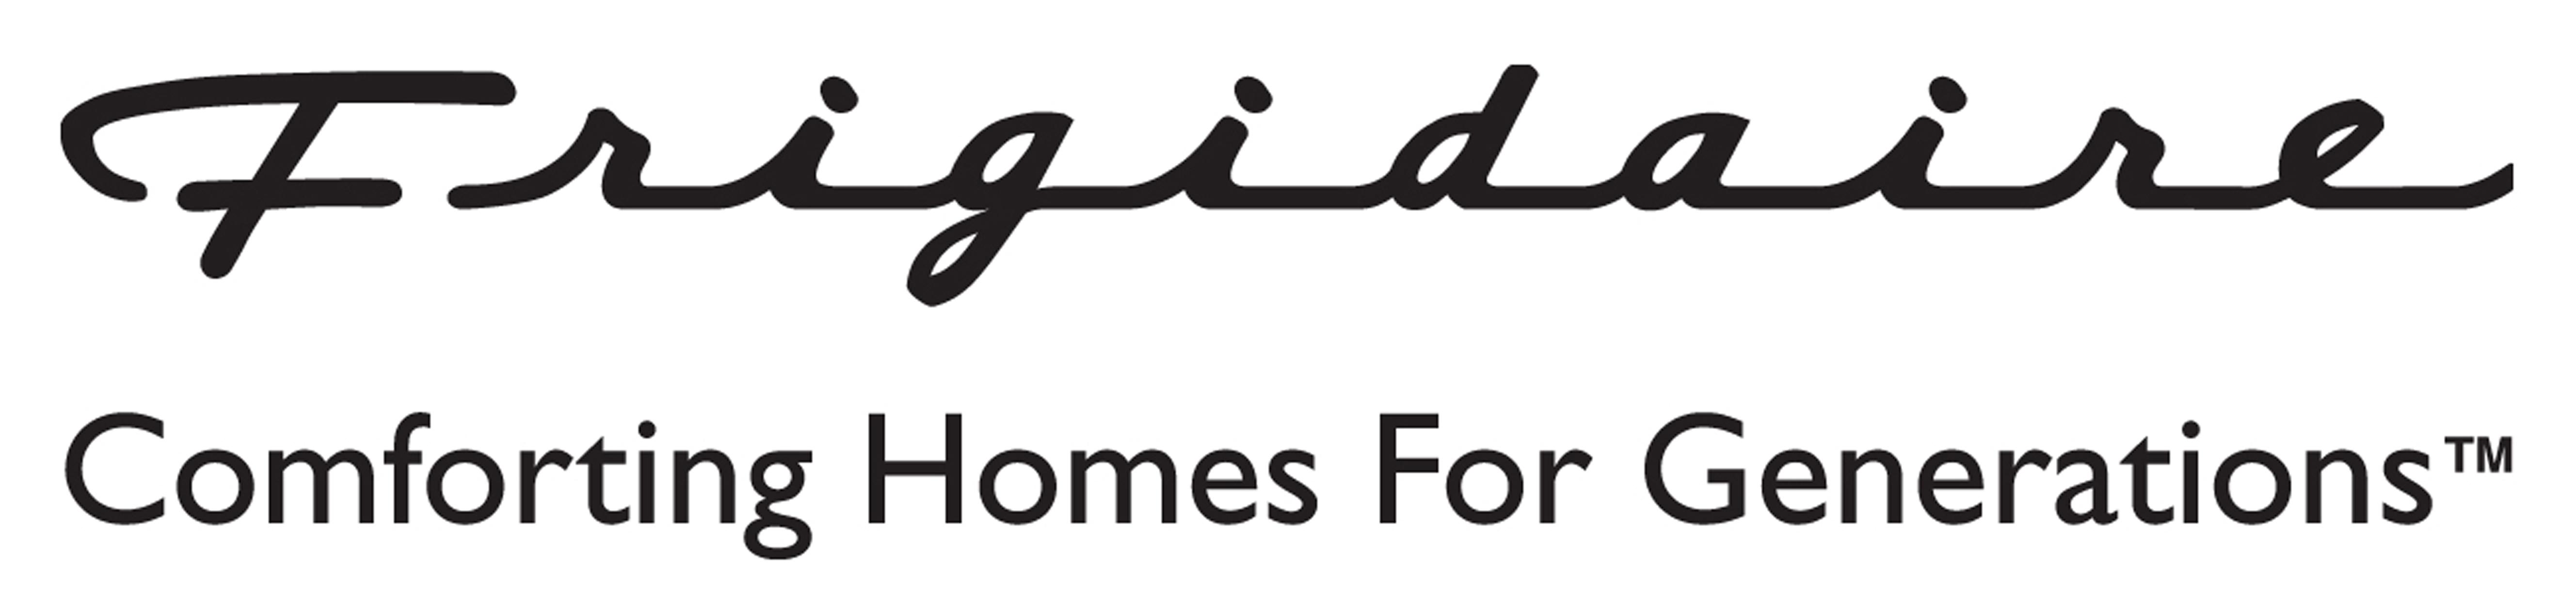 Frigidaire Logos